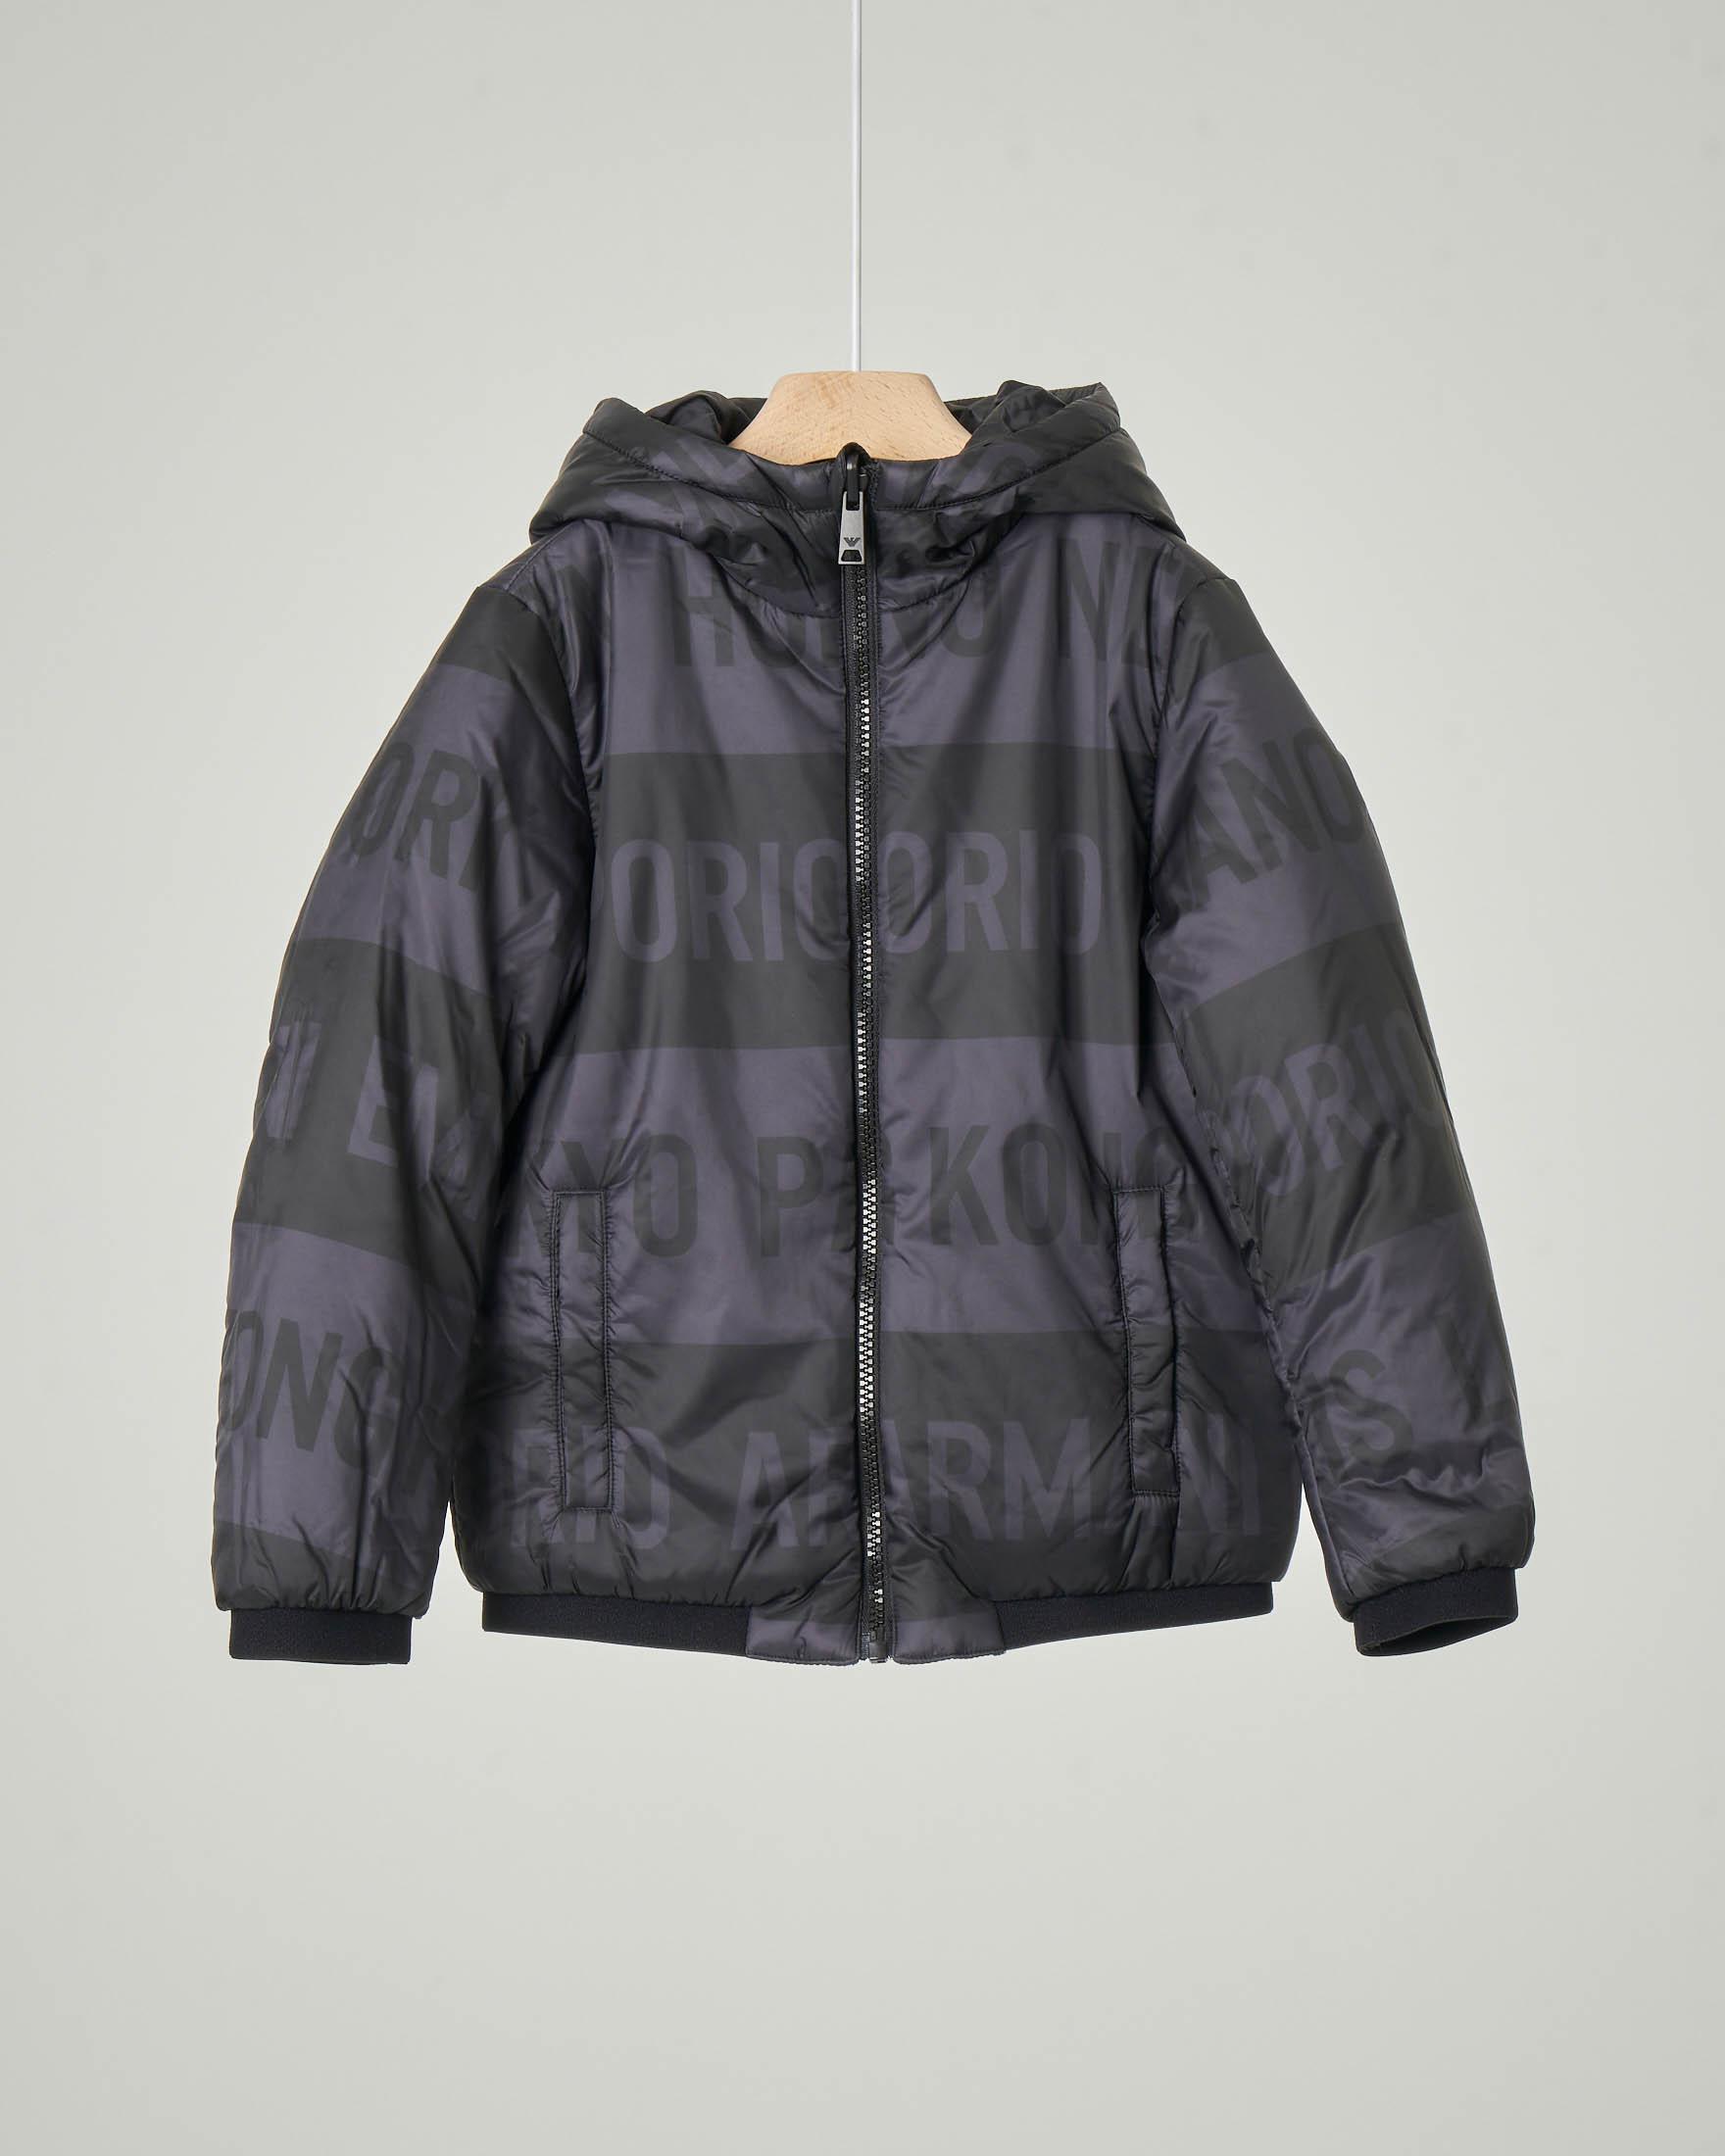 Giacca nera in nylon con stampa logo all-over reversibile in tinta unita 4-8 anni